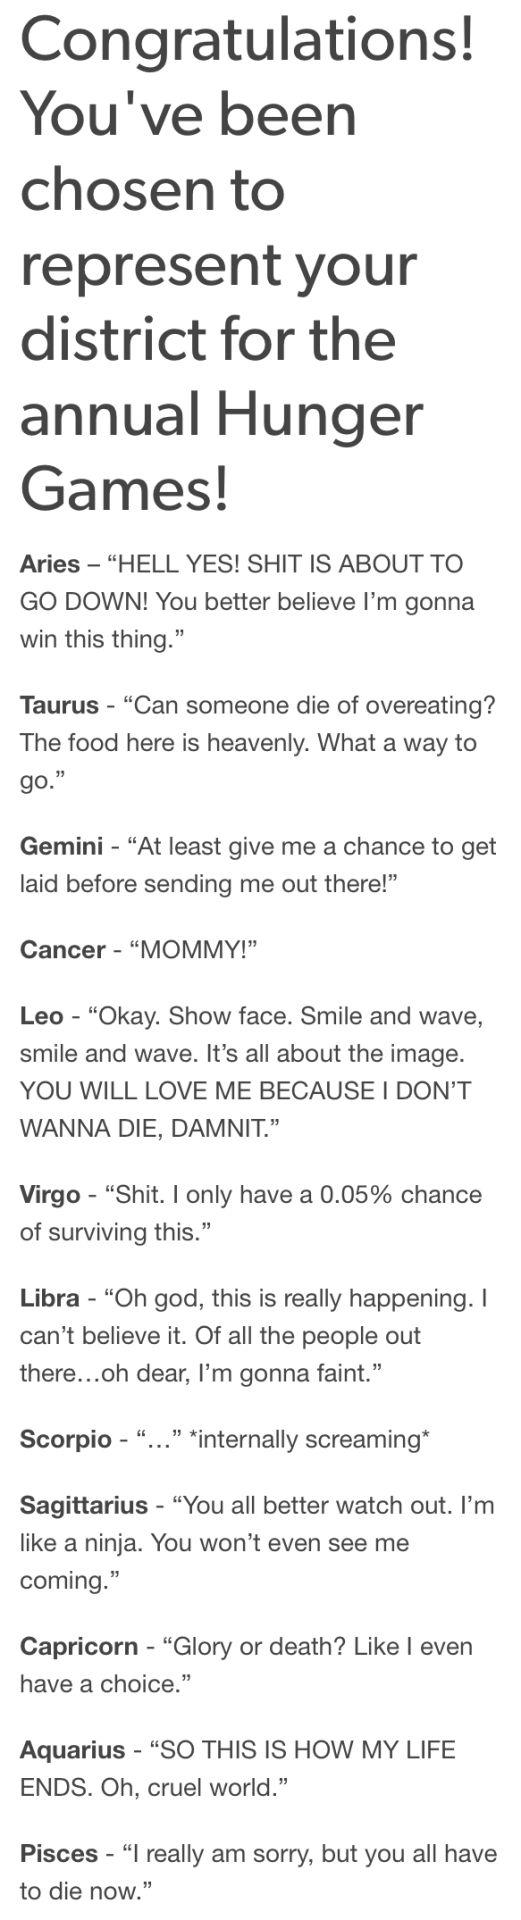 I would so die